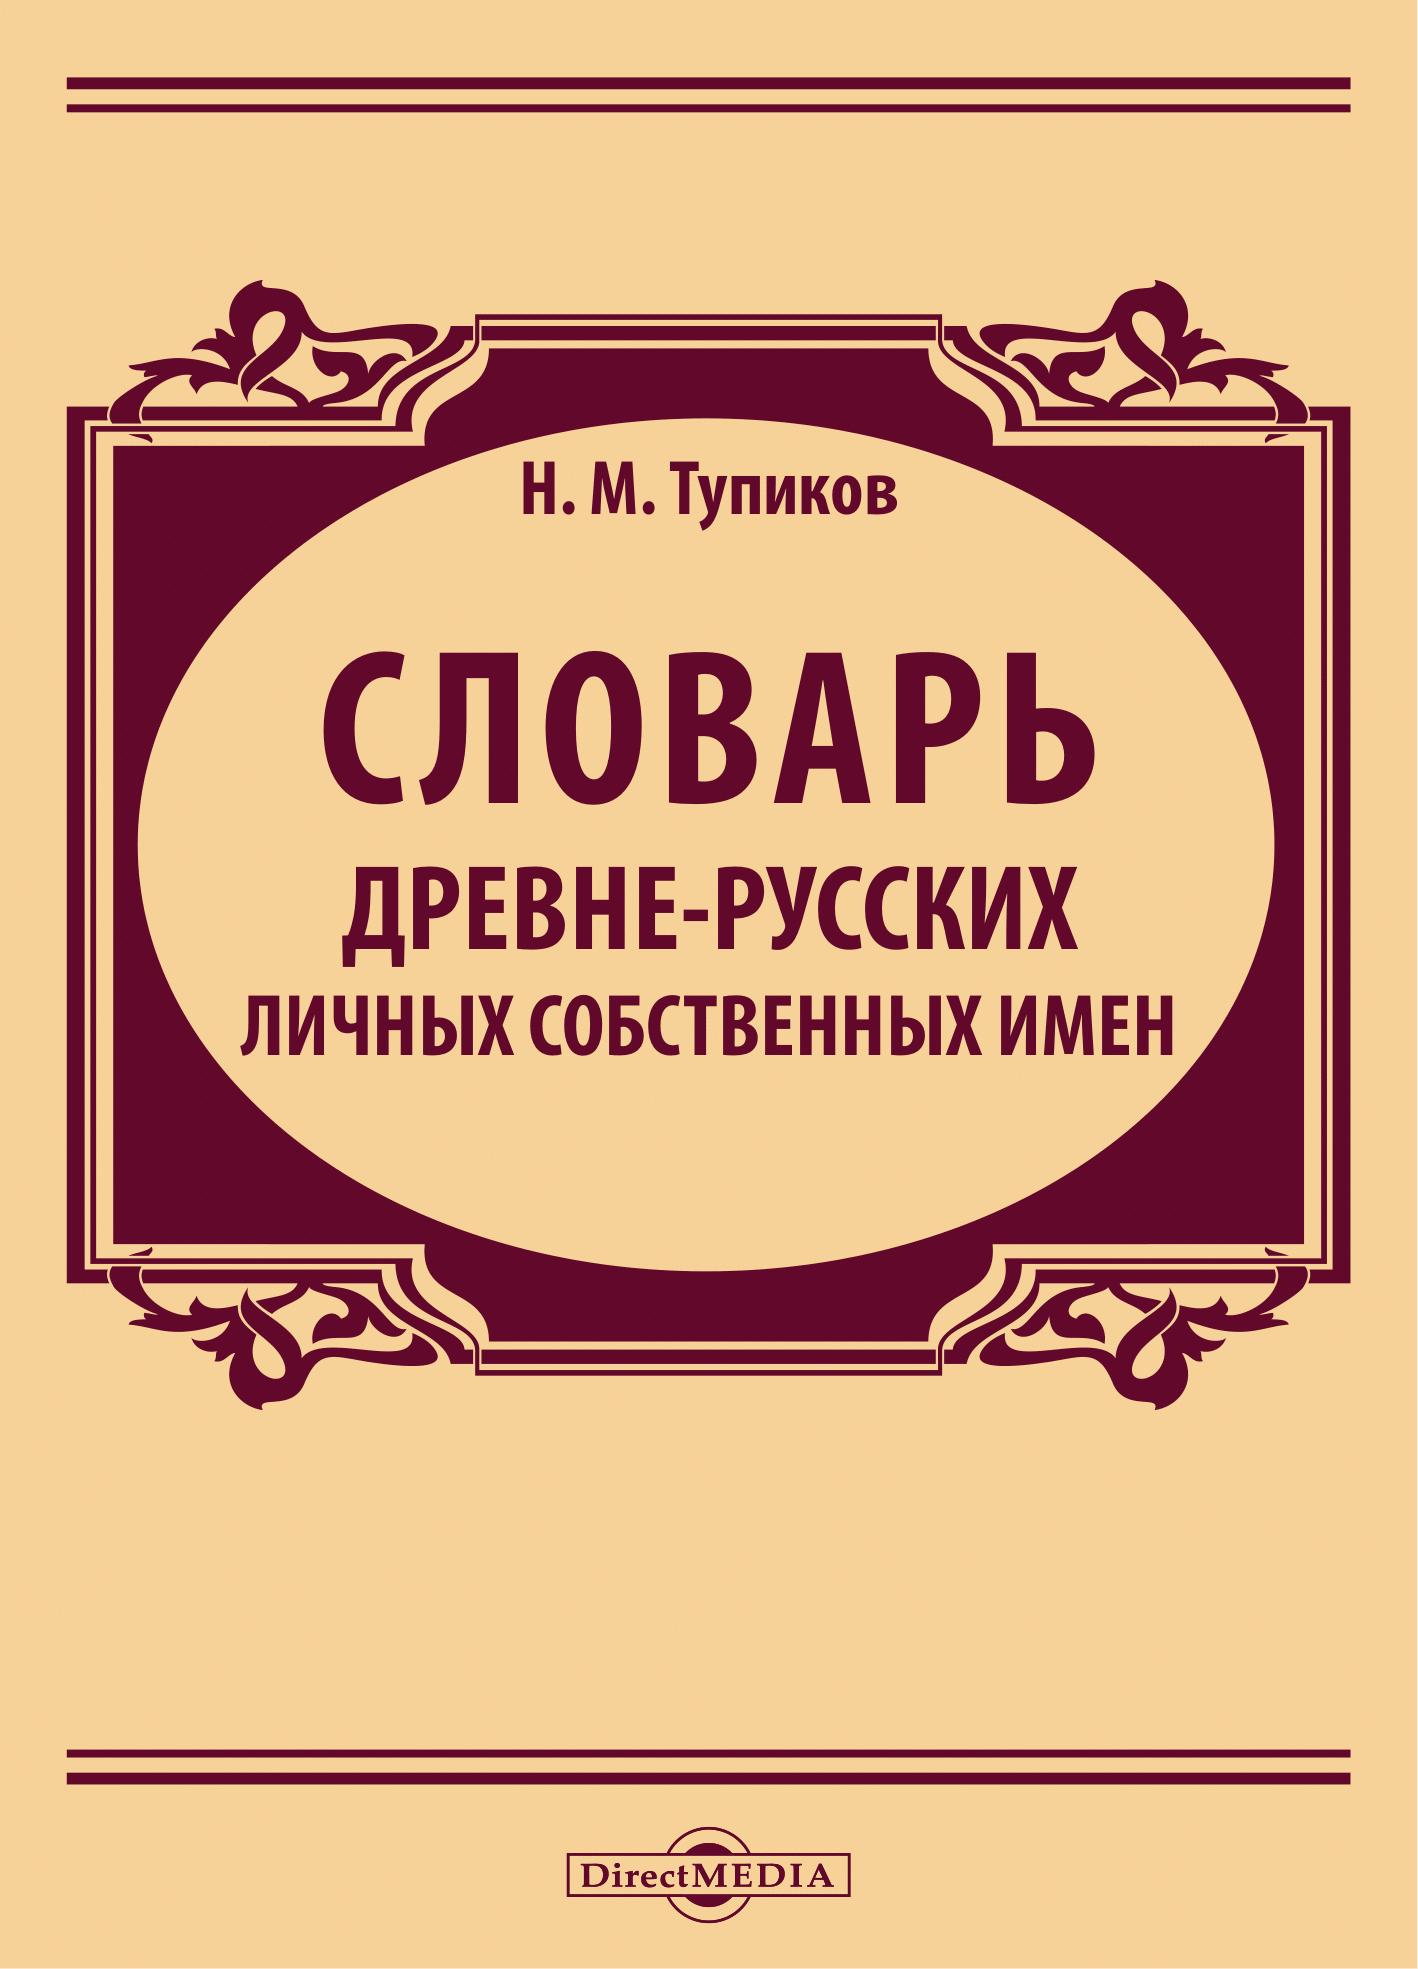 Тупиков Н. М. Словарь древне-русских личных собственных имен